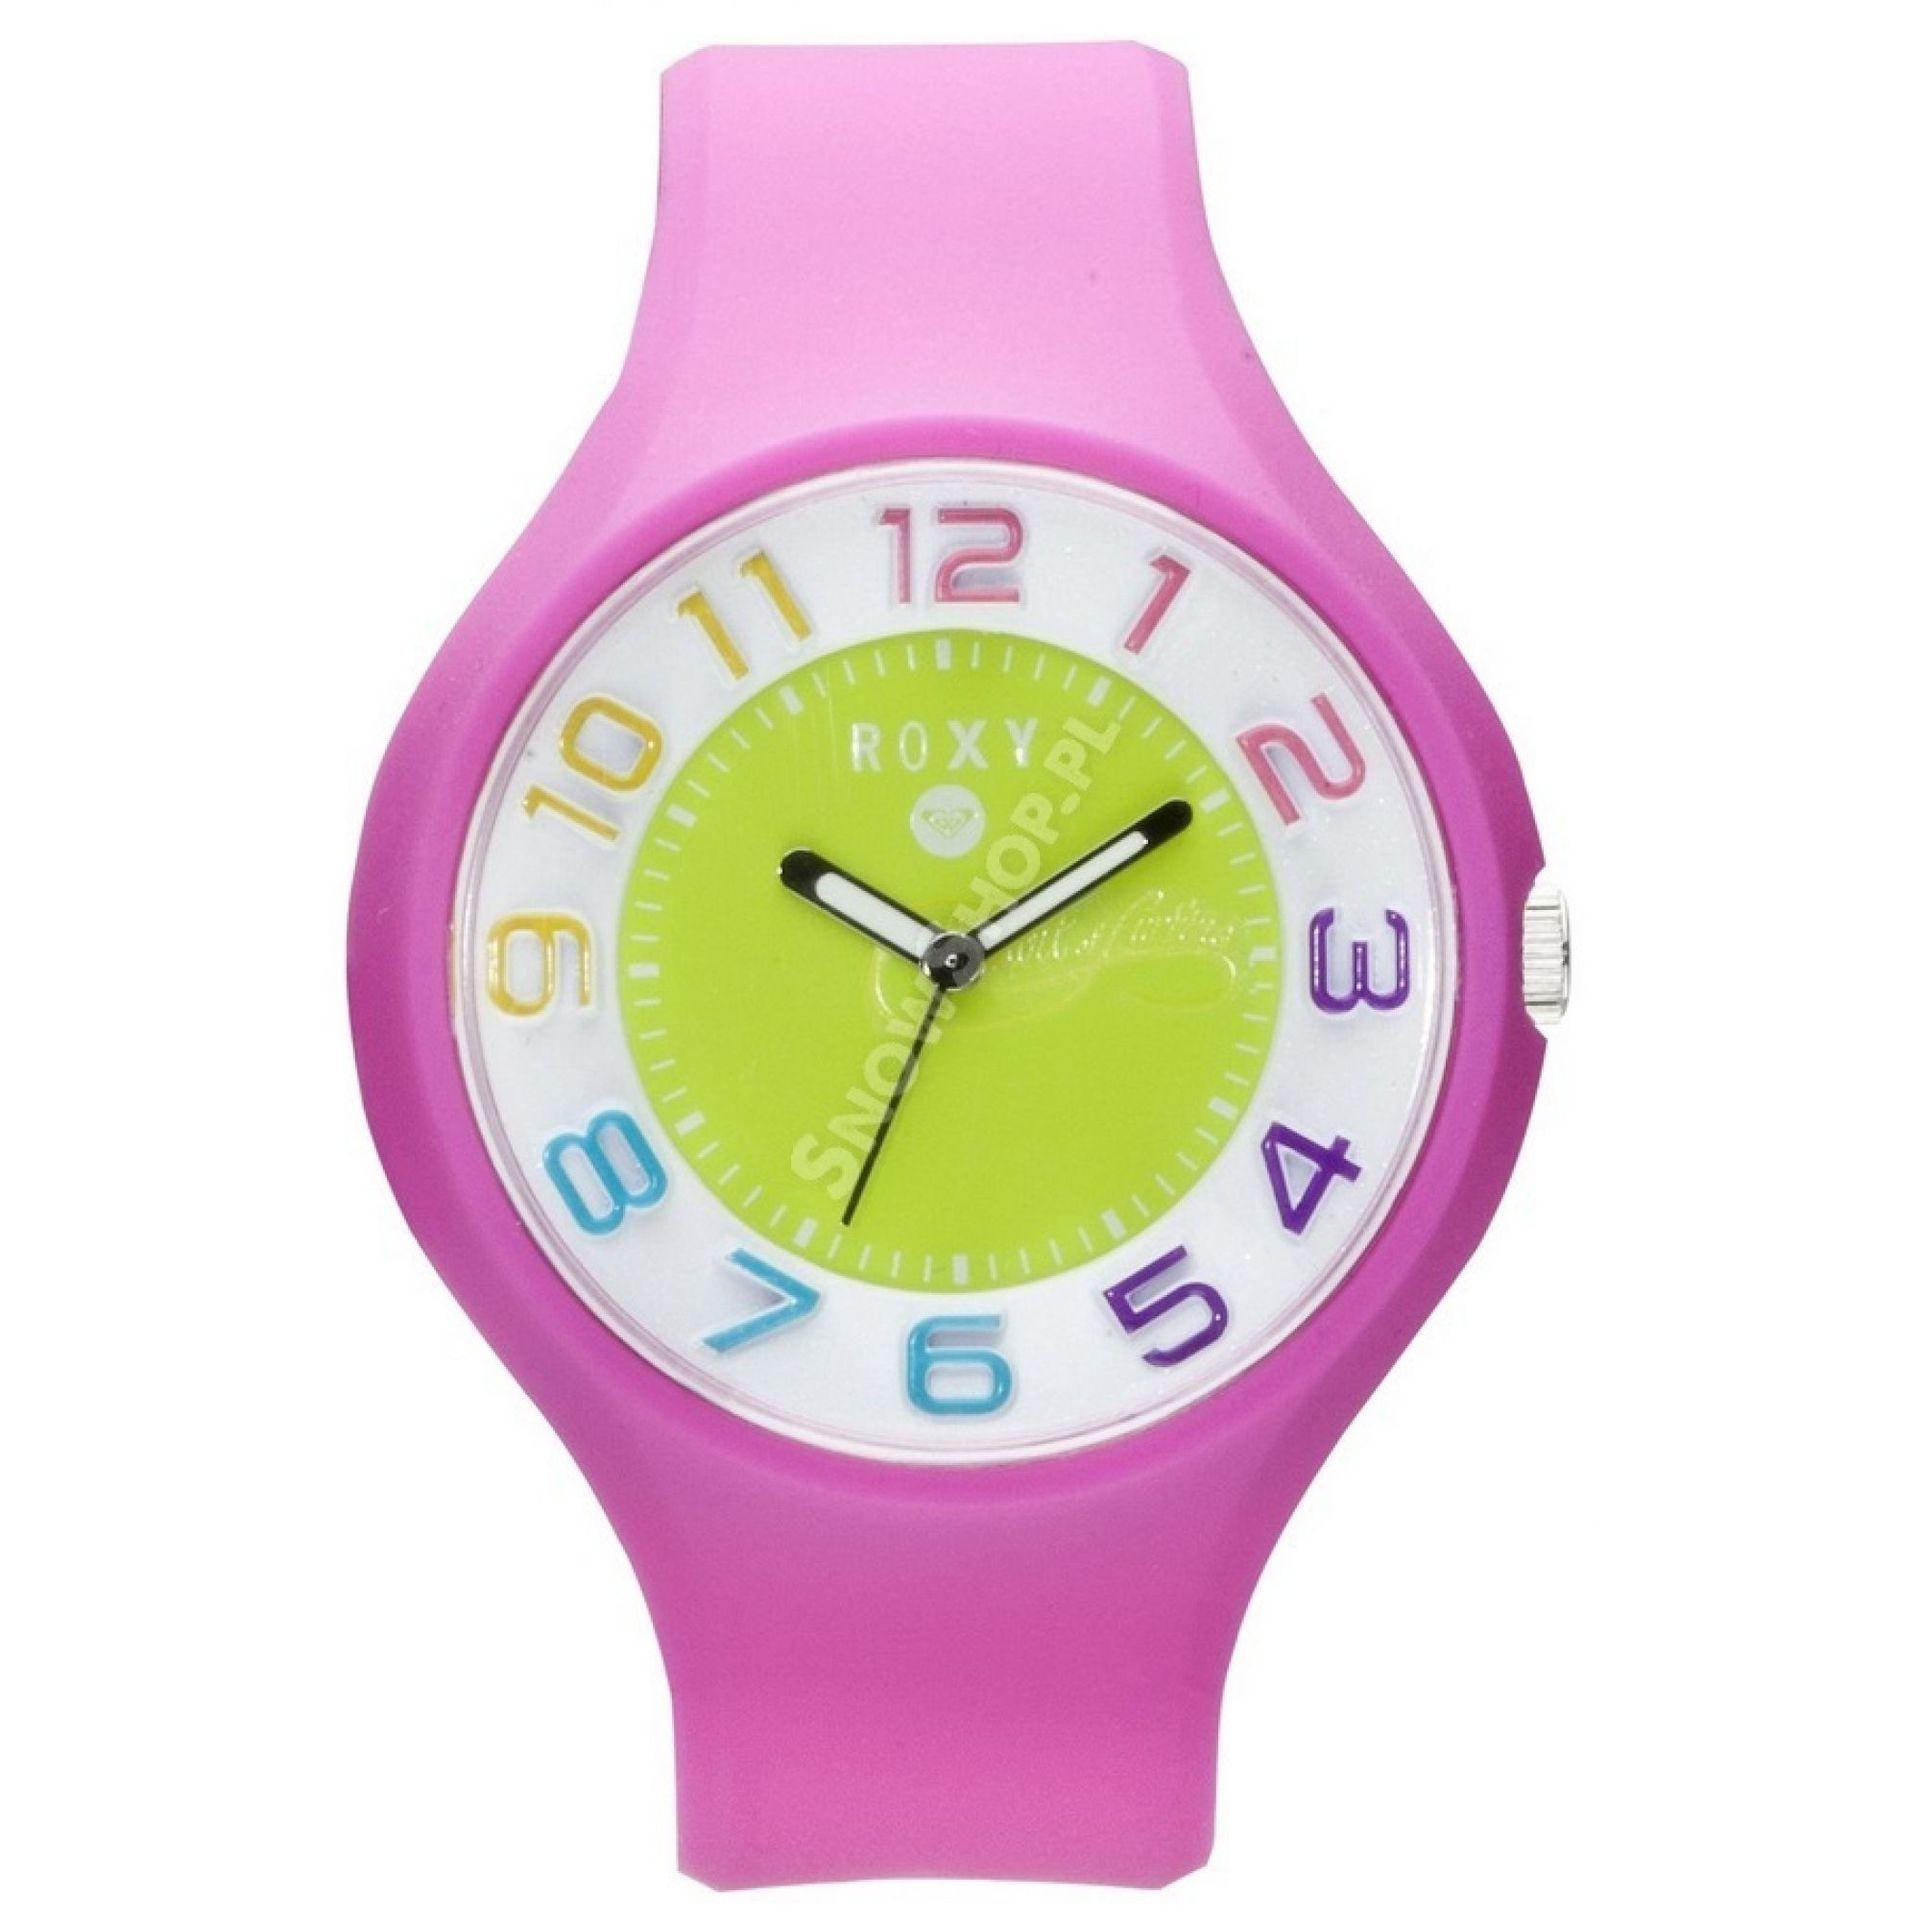 Zegarek Roxy Sundai różowy